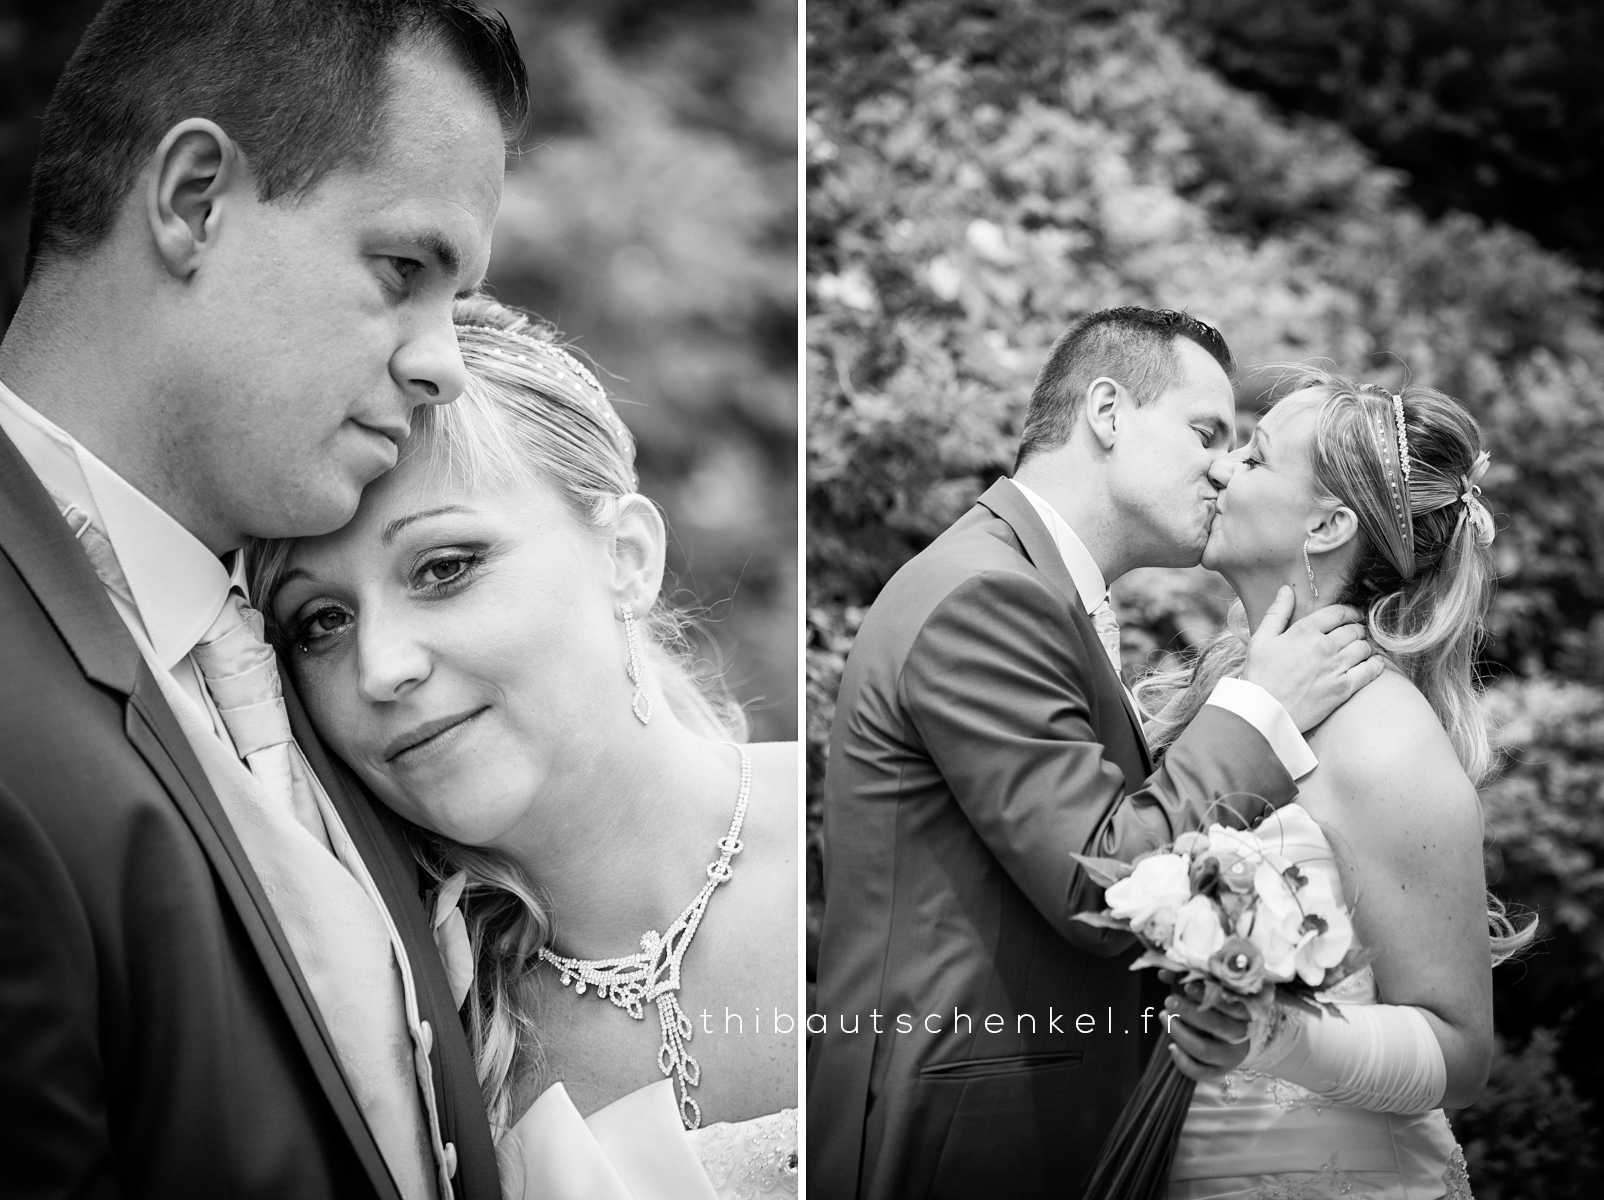 photographe mariage charleville (17)